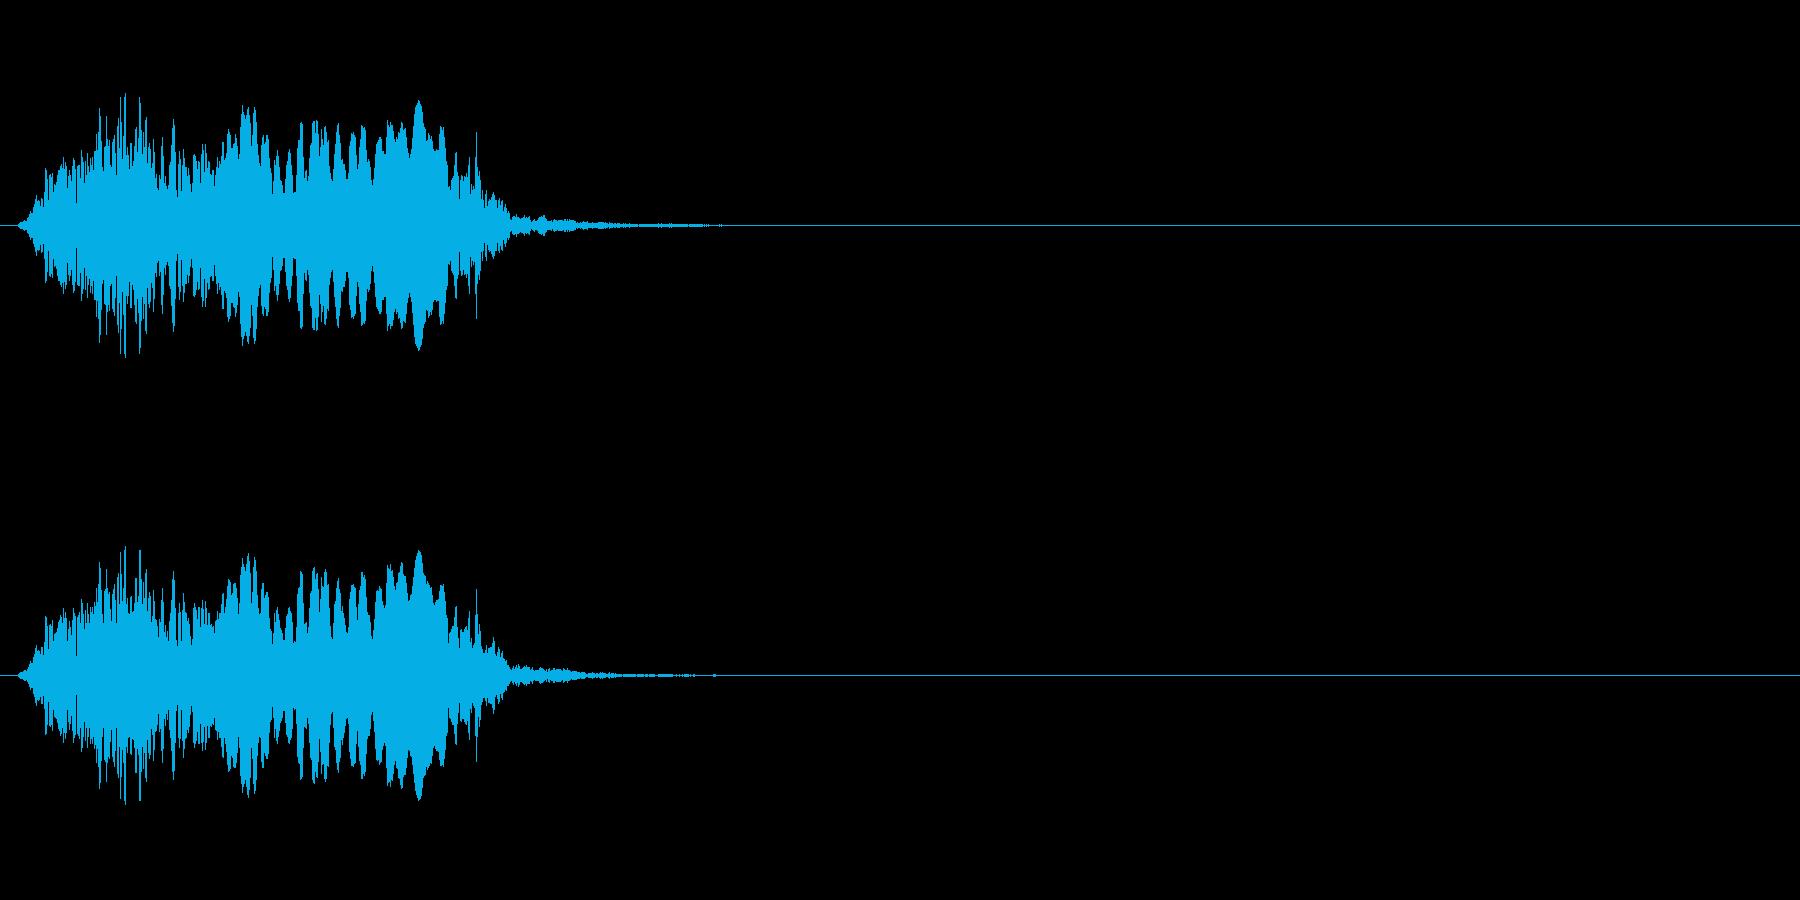 【絶叫 女性01-1】の再生済みの波形